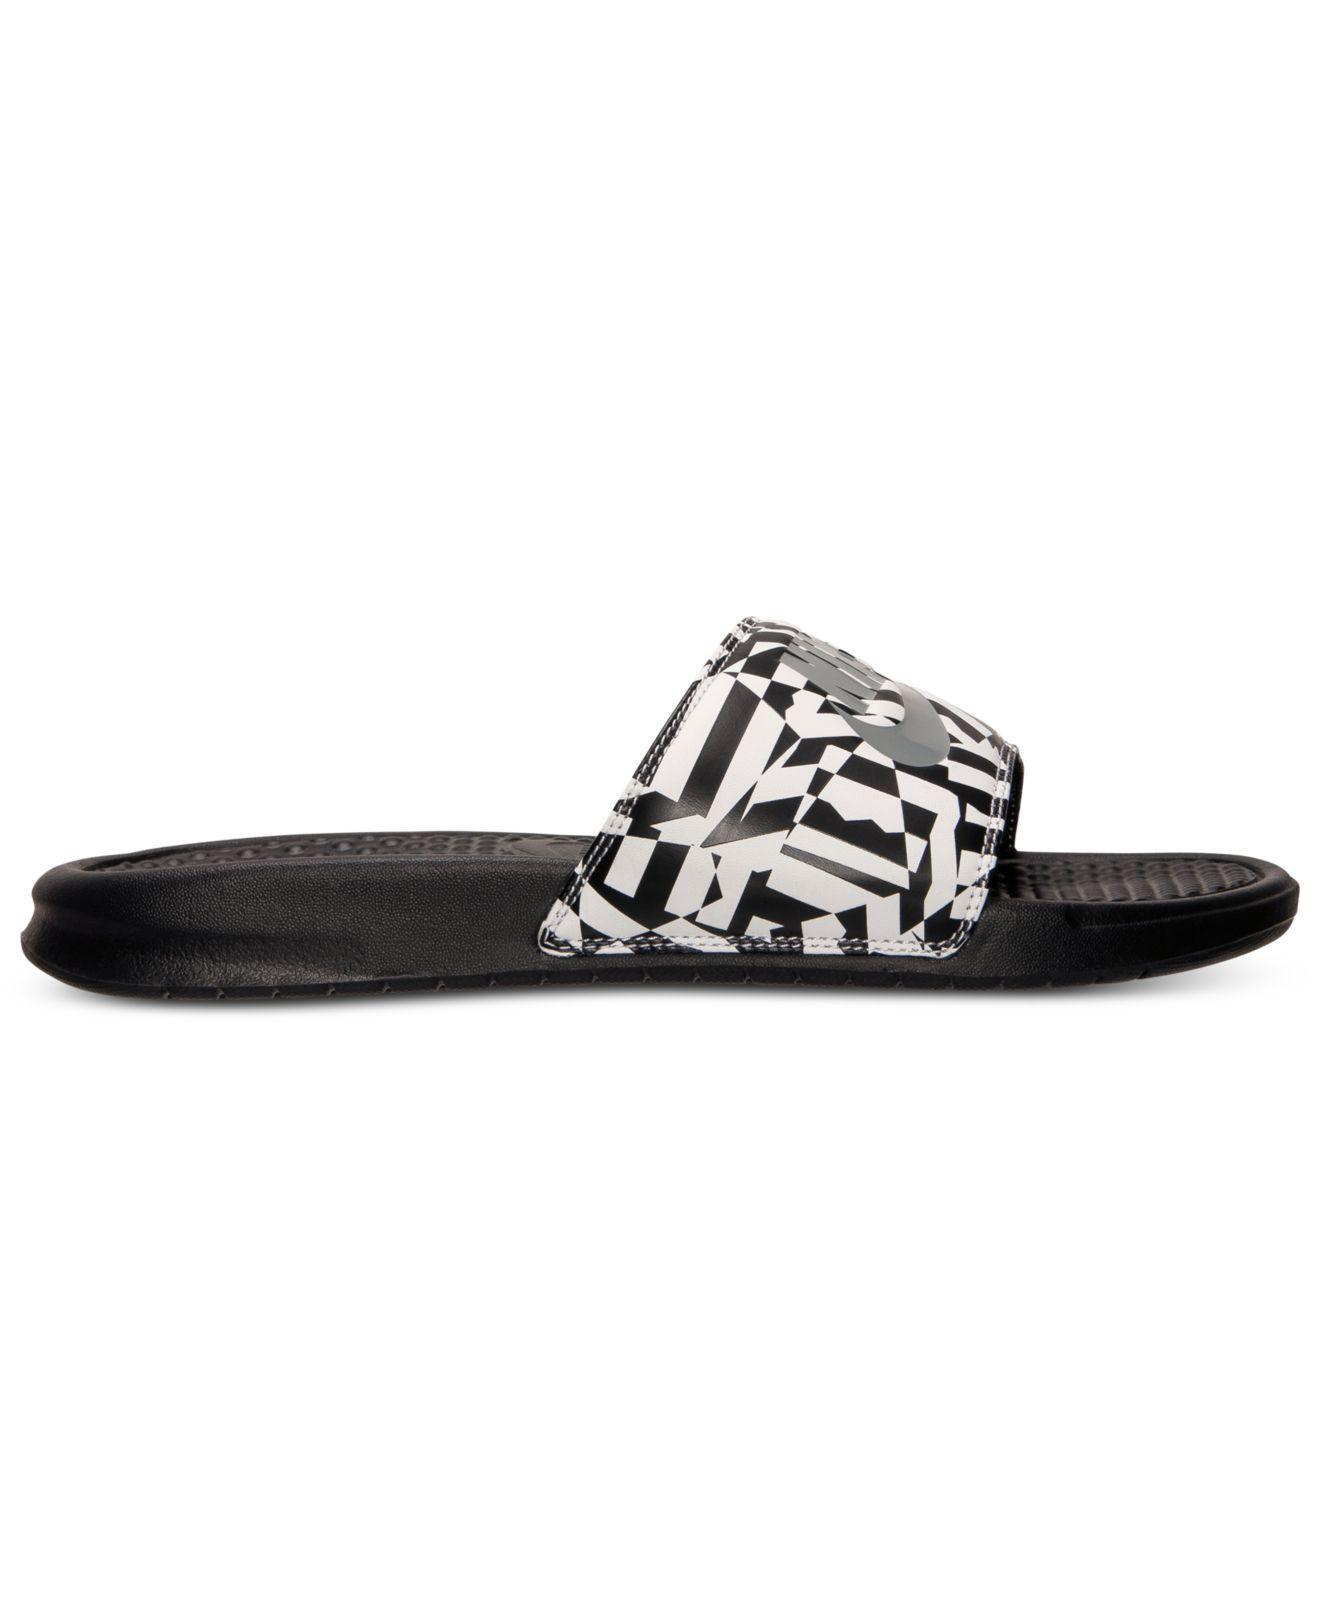 41e39703b3f9 Lyst - Nike Men S Benassi Jdi Print Slide Sandals From Finish Line in Black  for Men